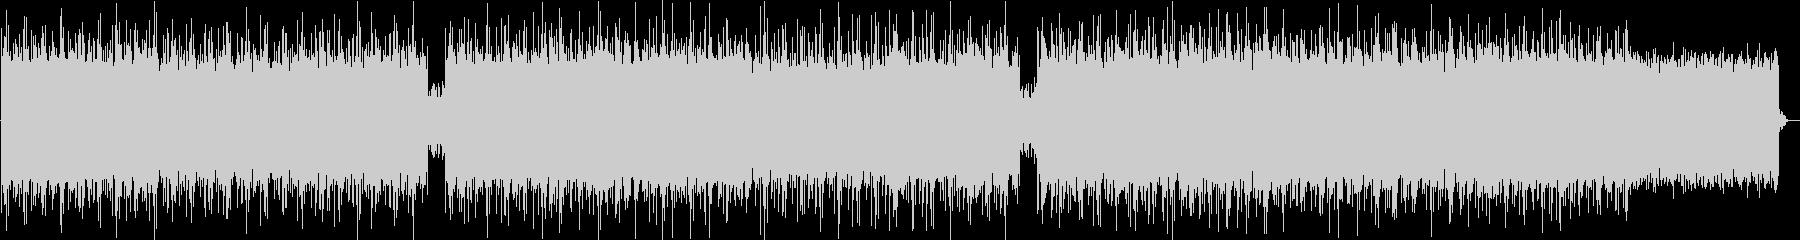 ドリーミーなエンディングインディーポップの未再生の波形